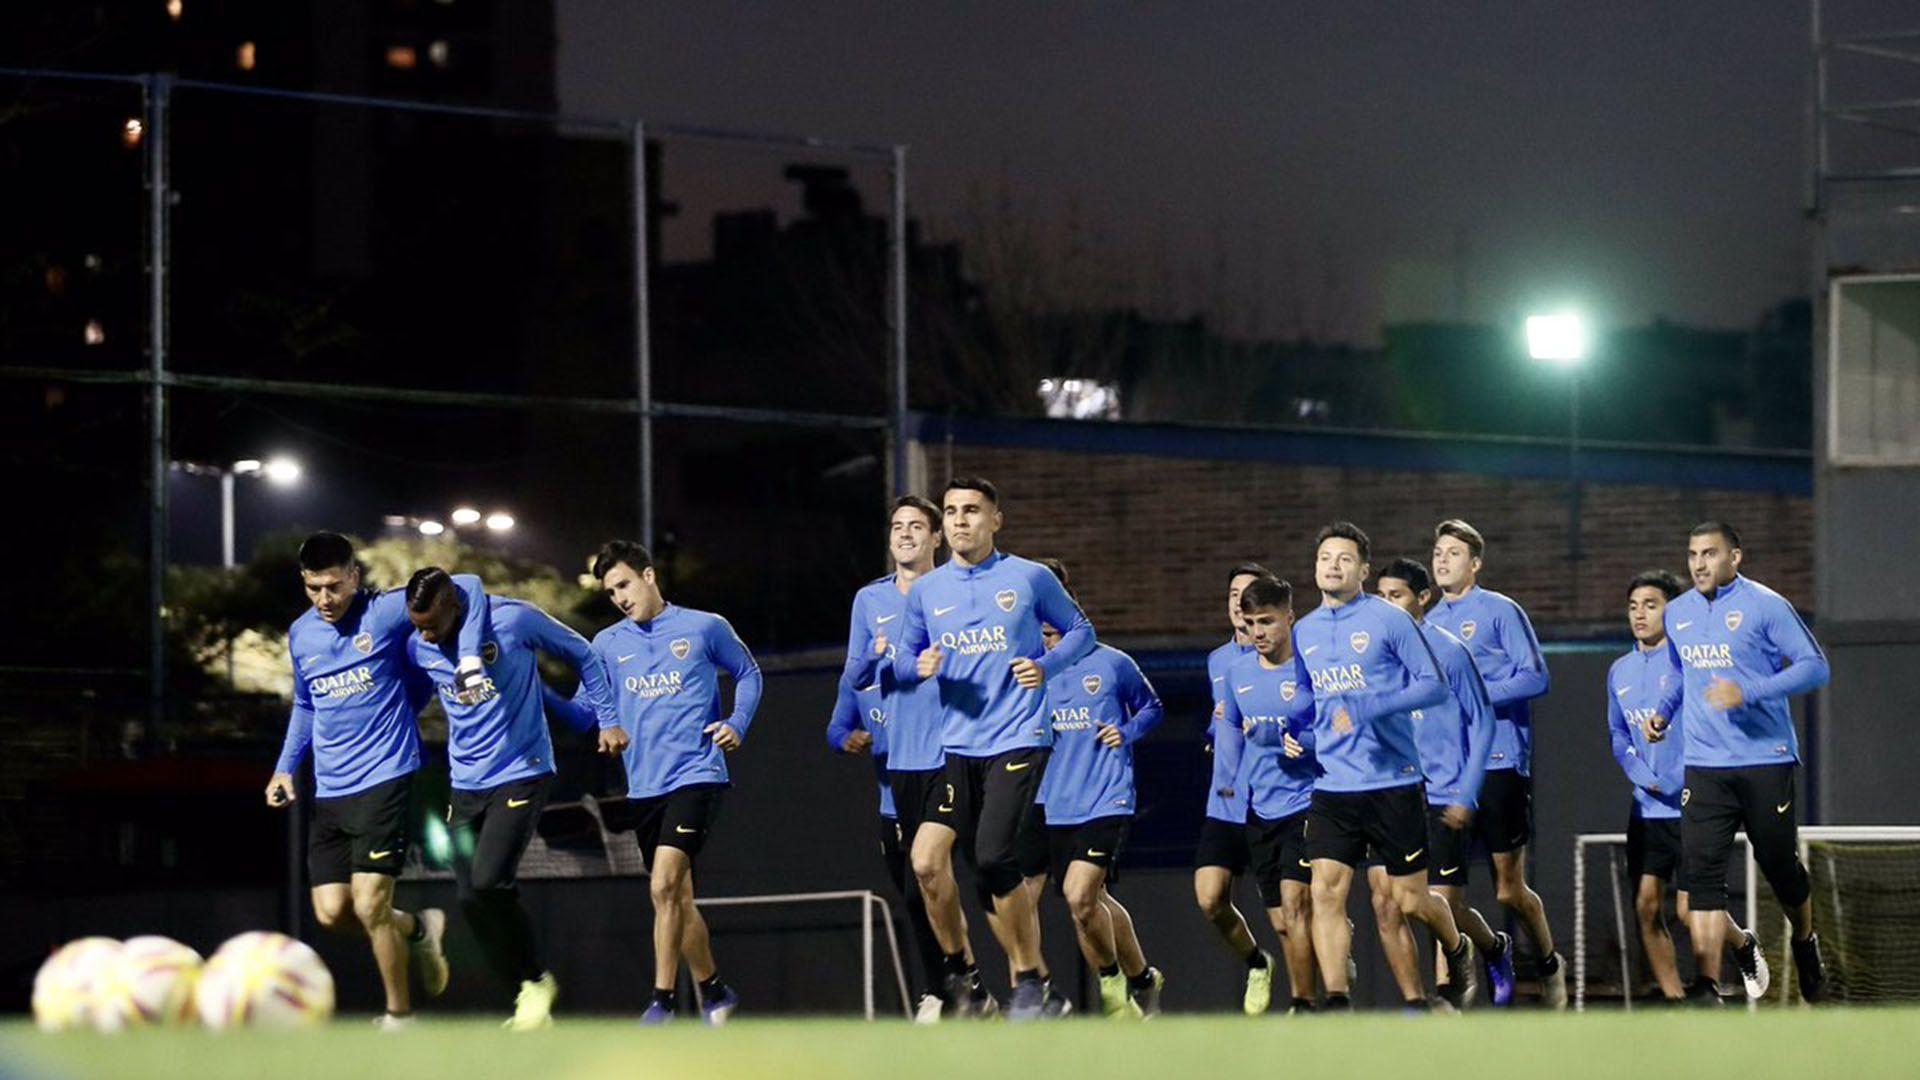 Boca busca los refuerzos para pelear la Copa Libertadores en el segundo semestre(@BocaJrsOficial)